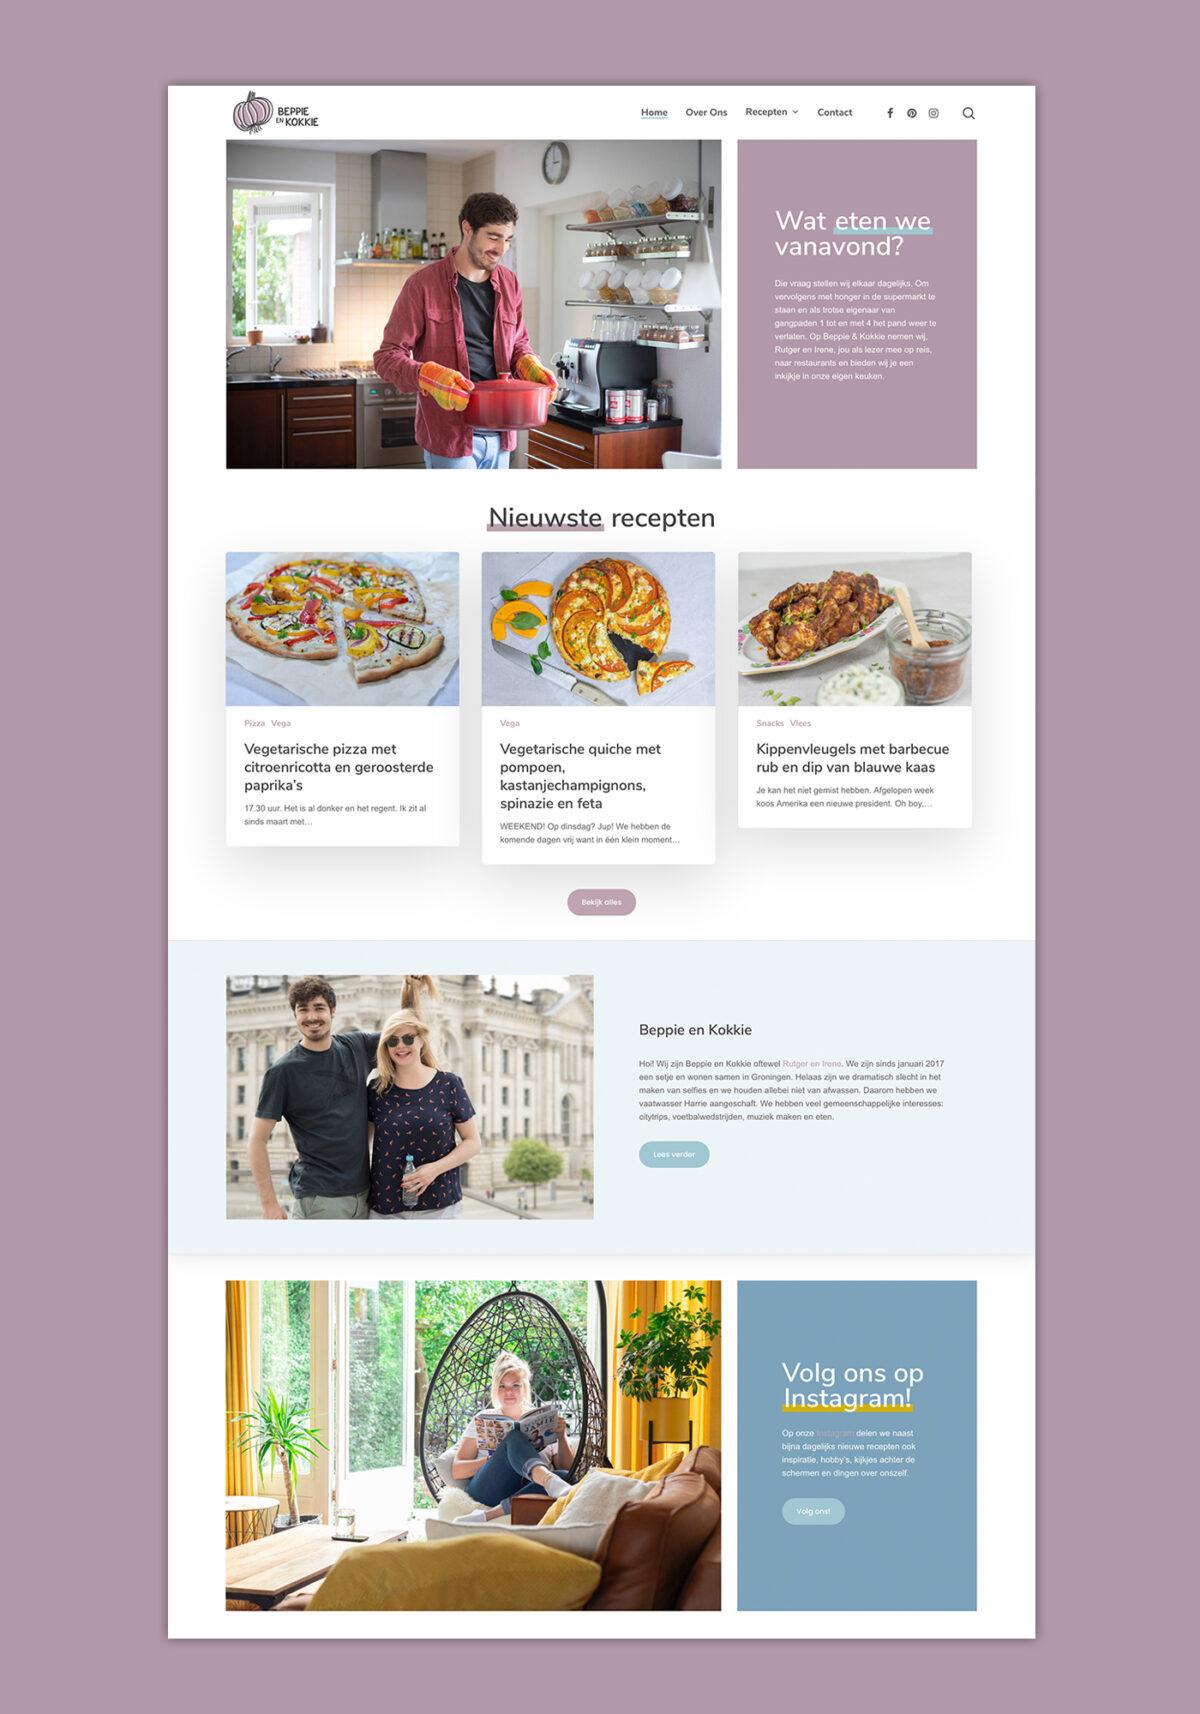 Huisstijl, webdesign, fotografie Beppie en Kokkie